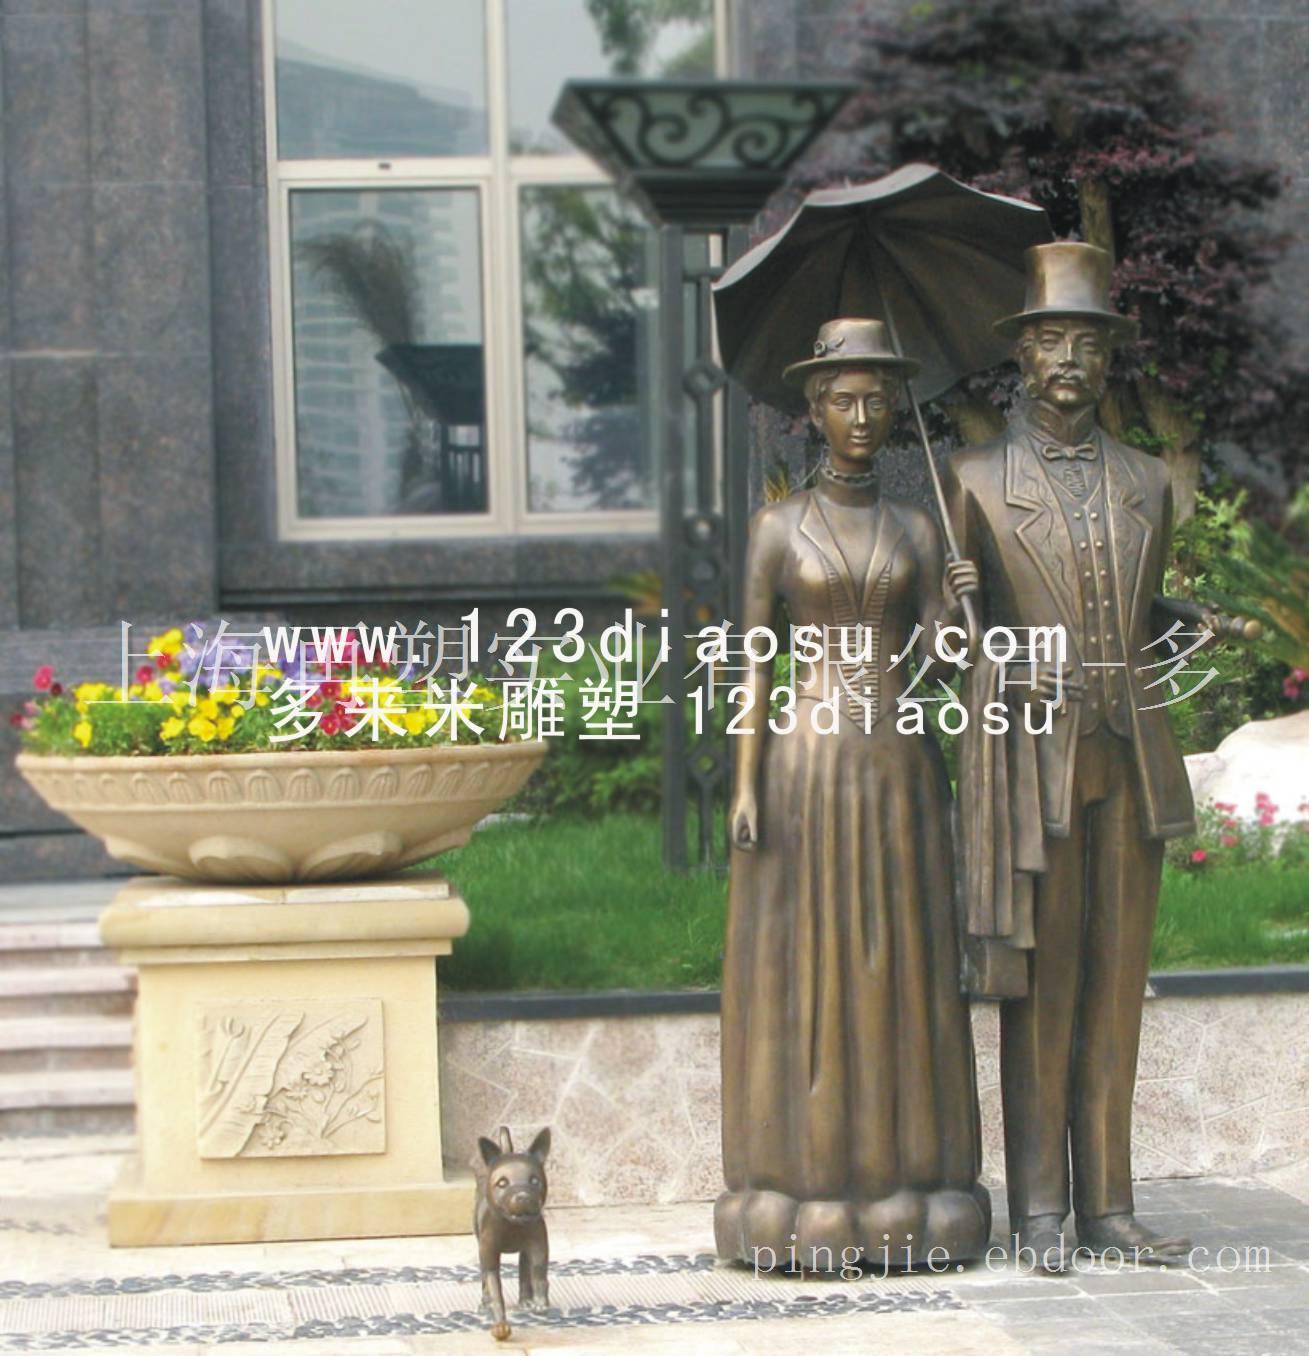 铸铜人物情景雕塑-上海铸铜人物情景雕塑专家雕塑